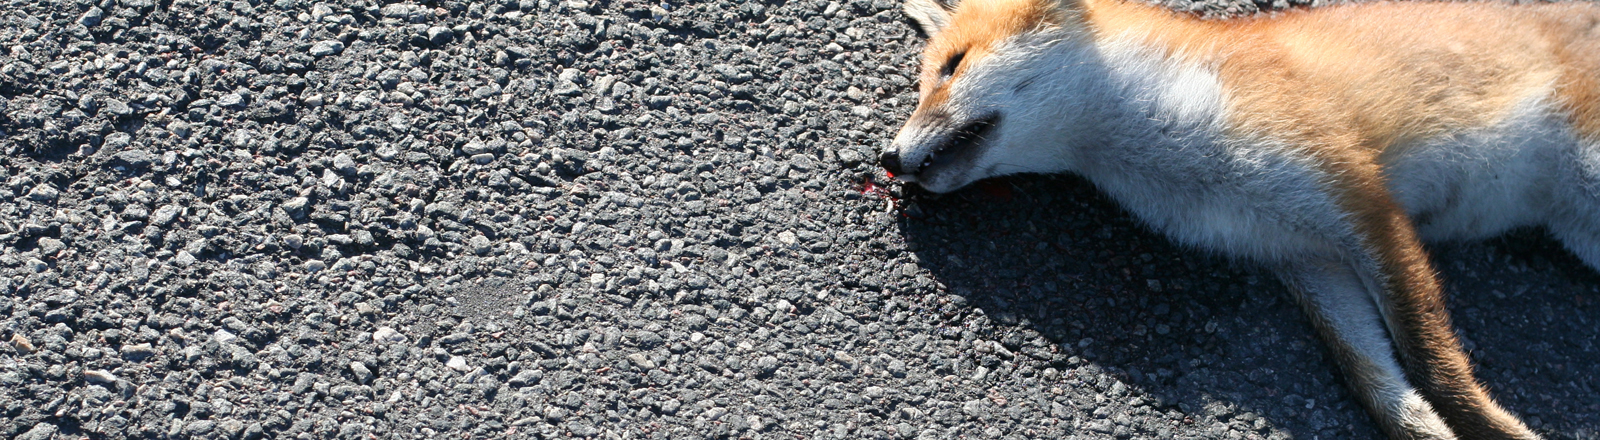 Ein toter Fuchs auf einer Straße.